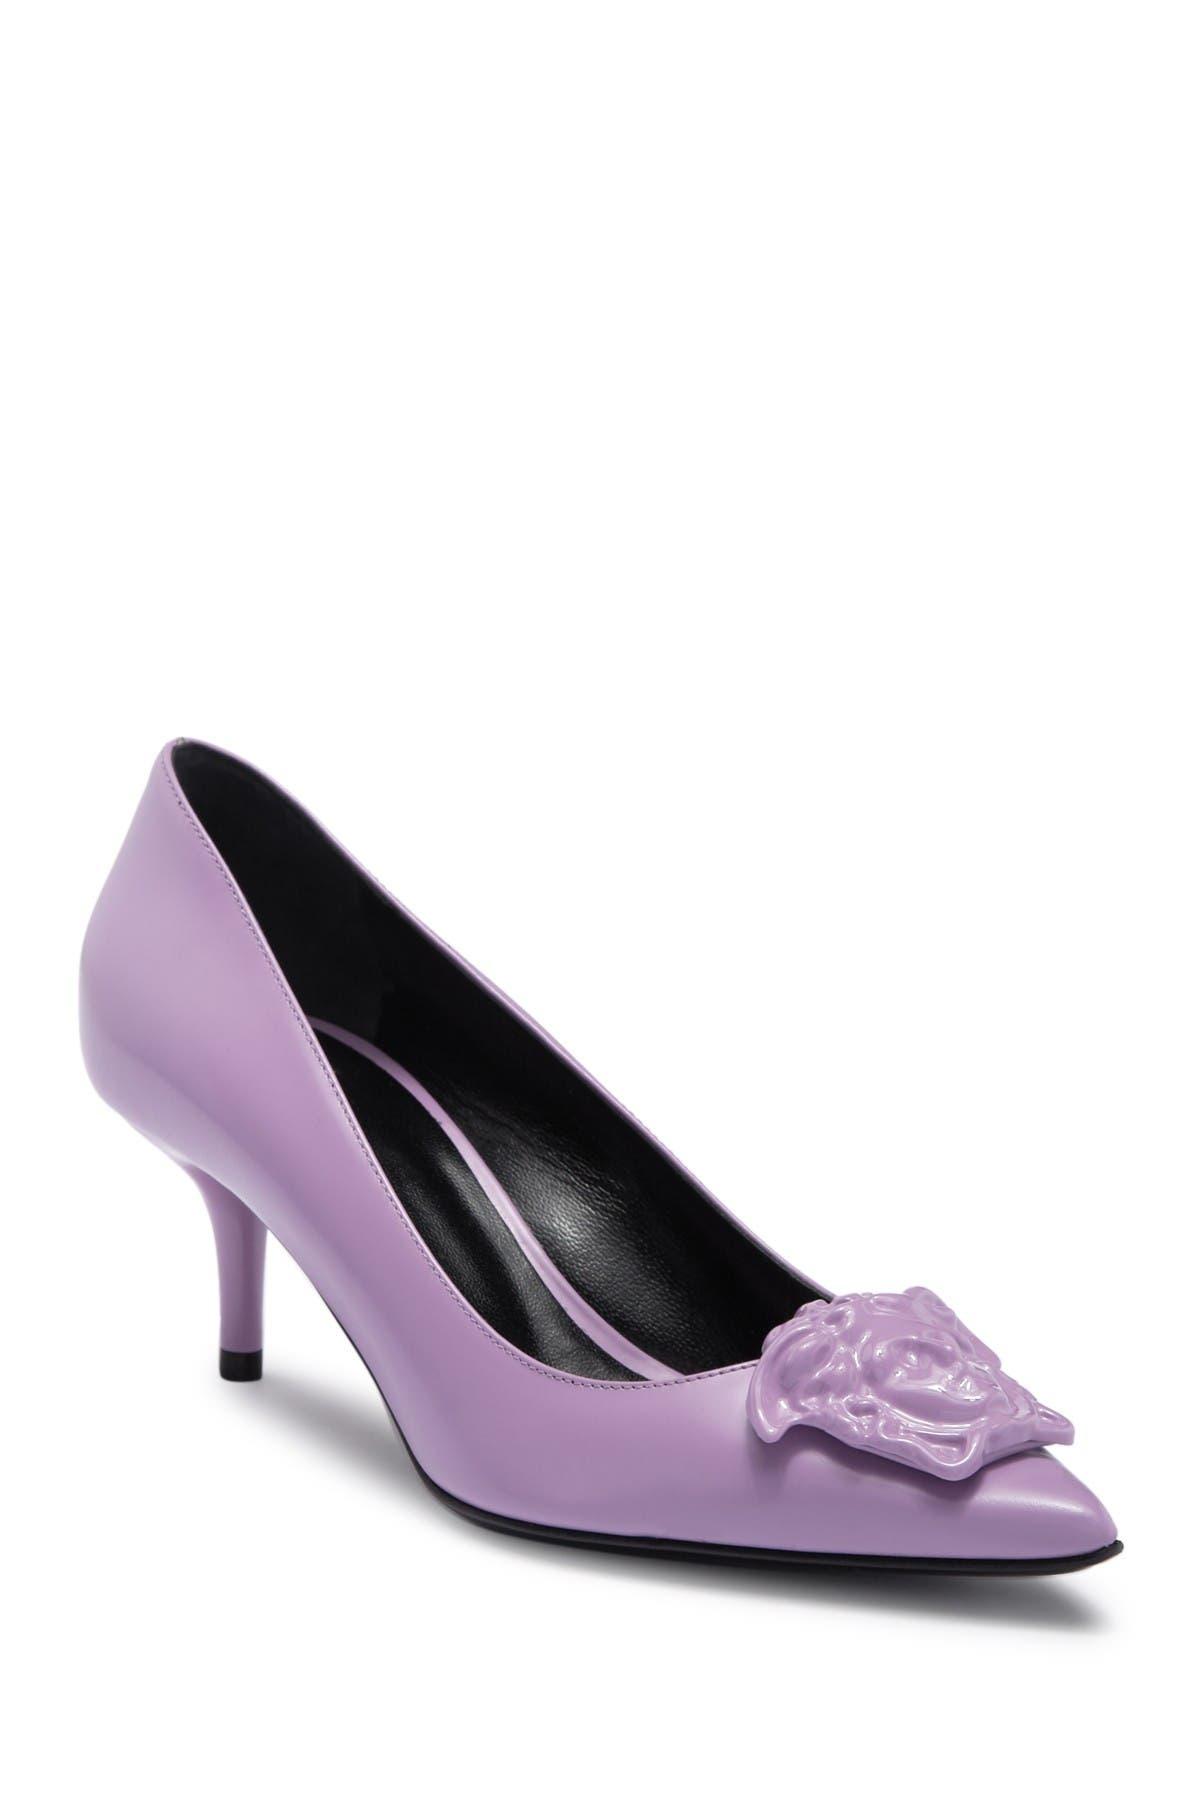 Image of Versace Medusa Kitten Heel